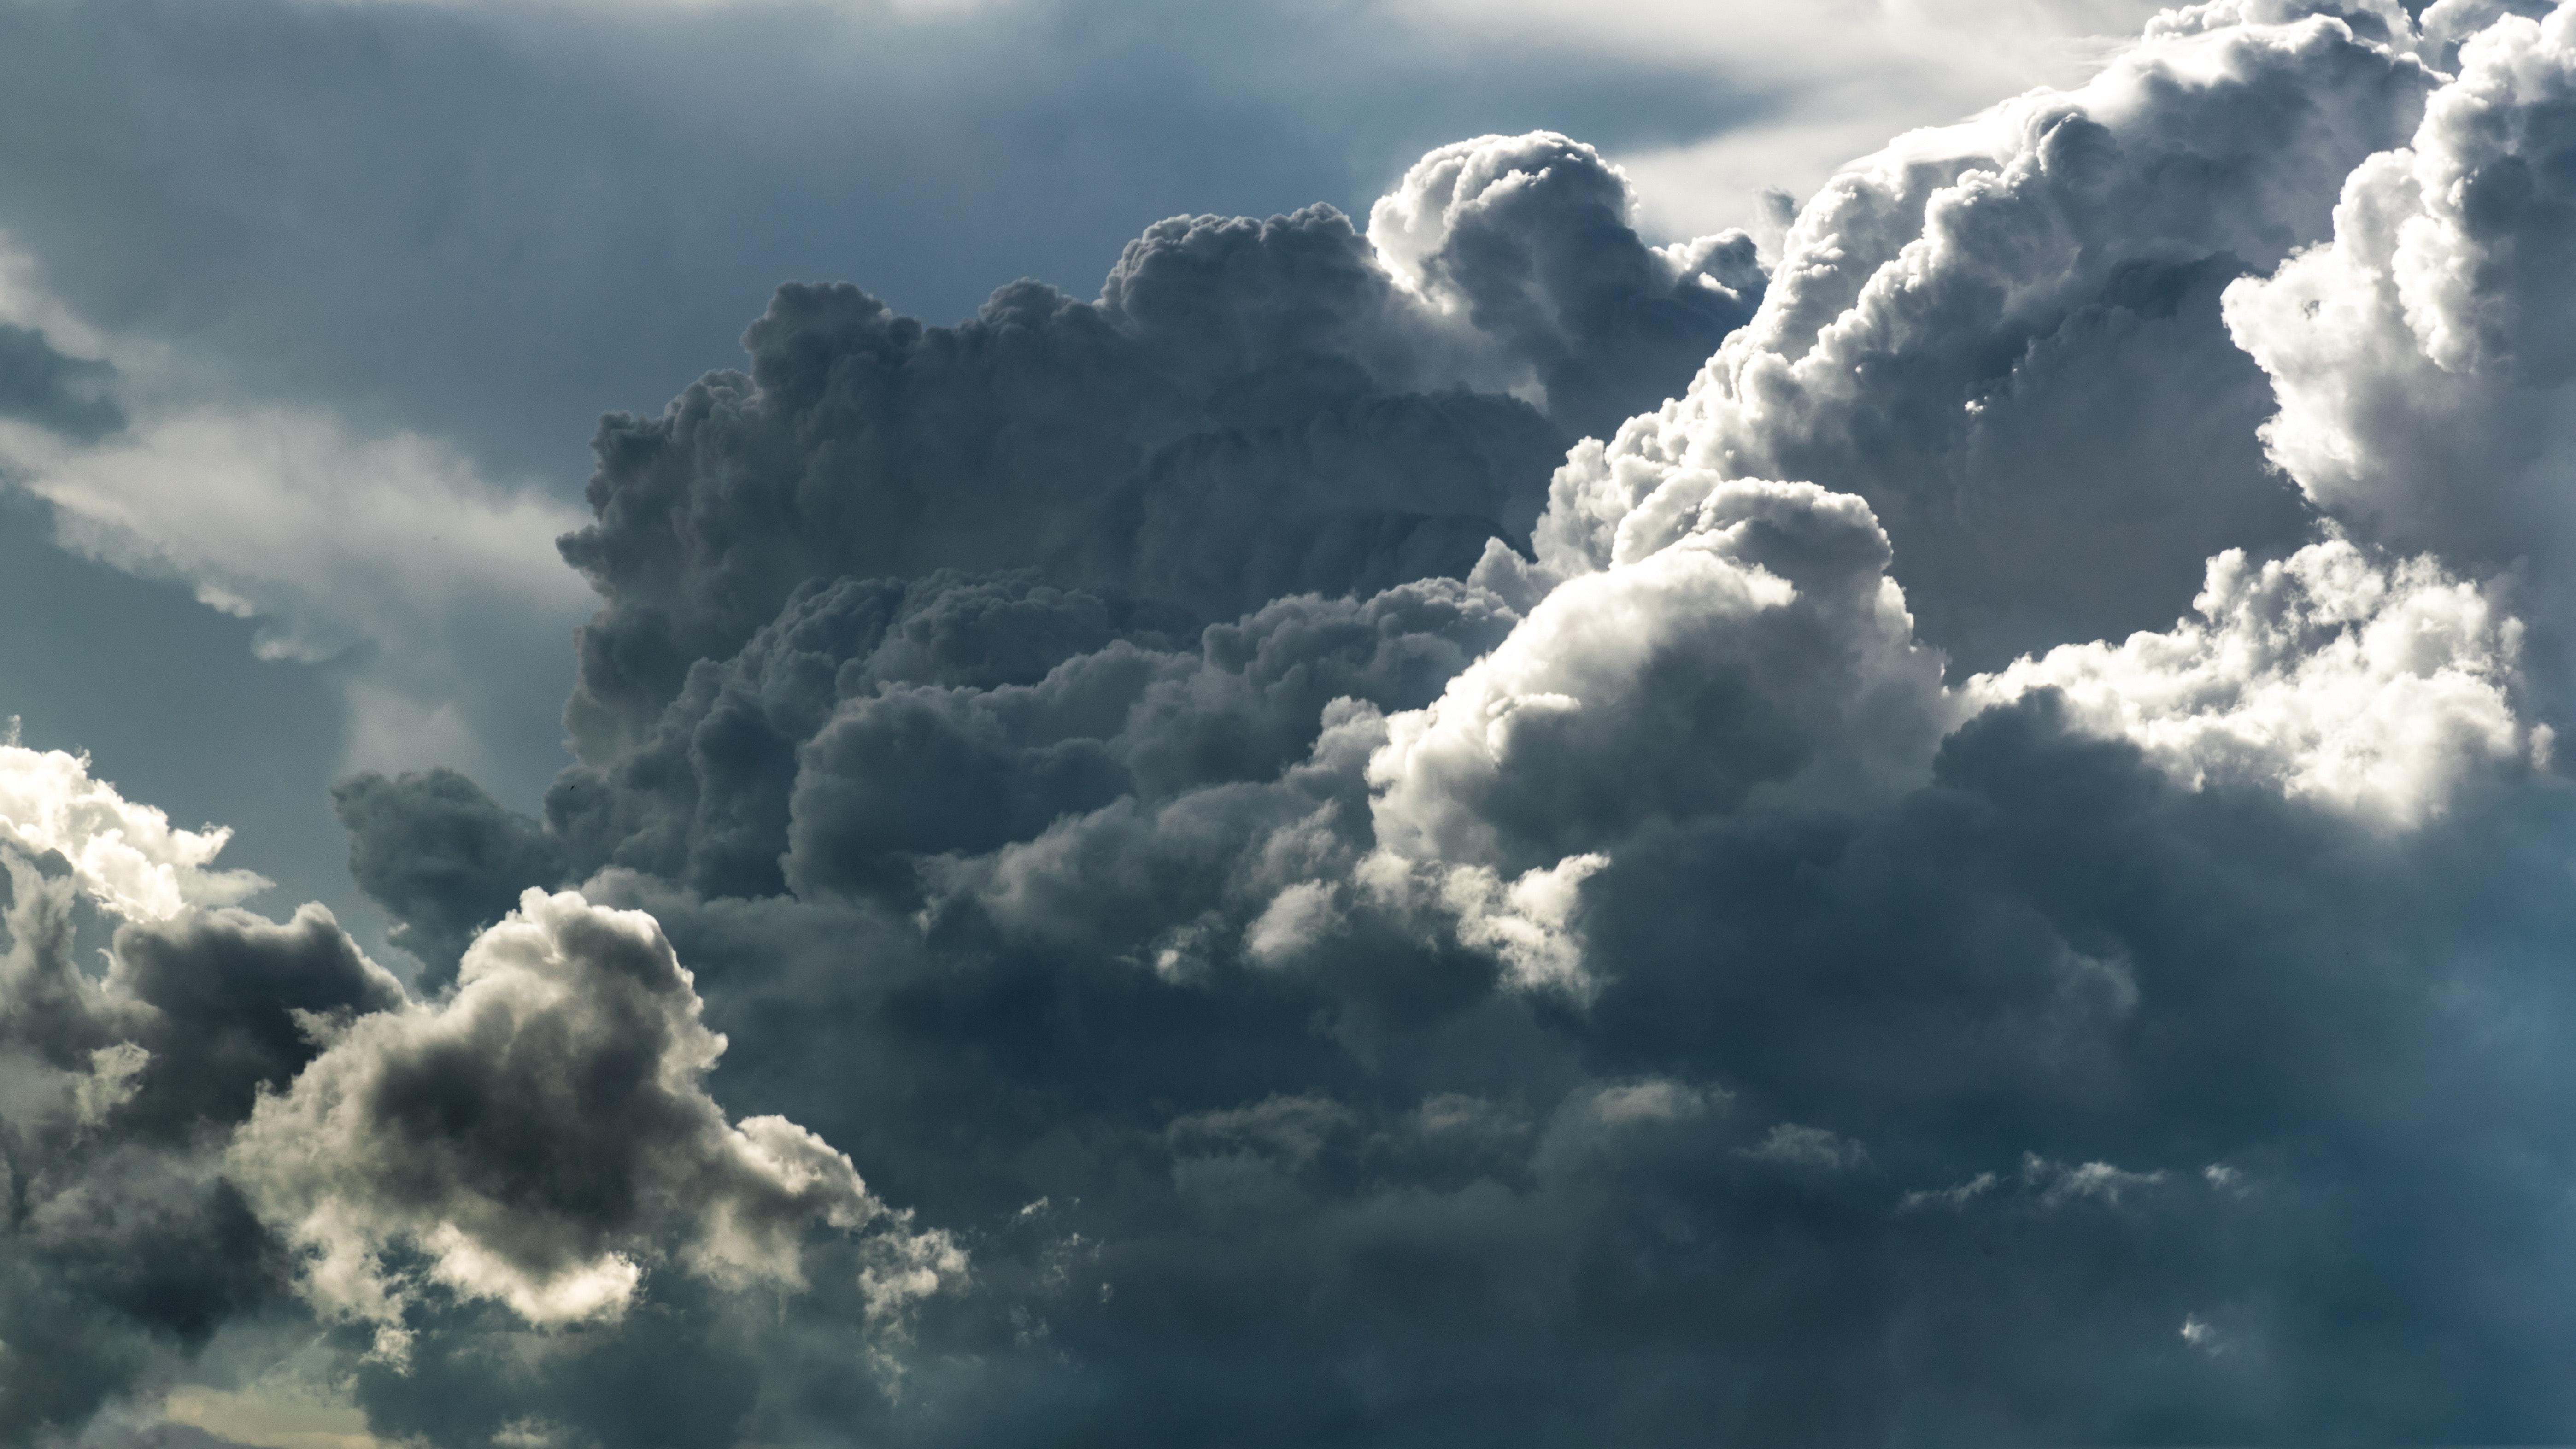 clouds-cloudscape-cloudy-158163.jpg